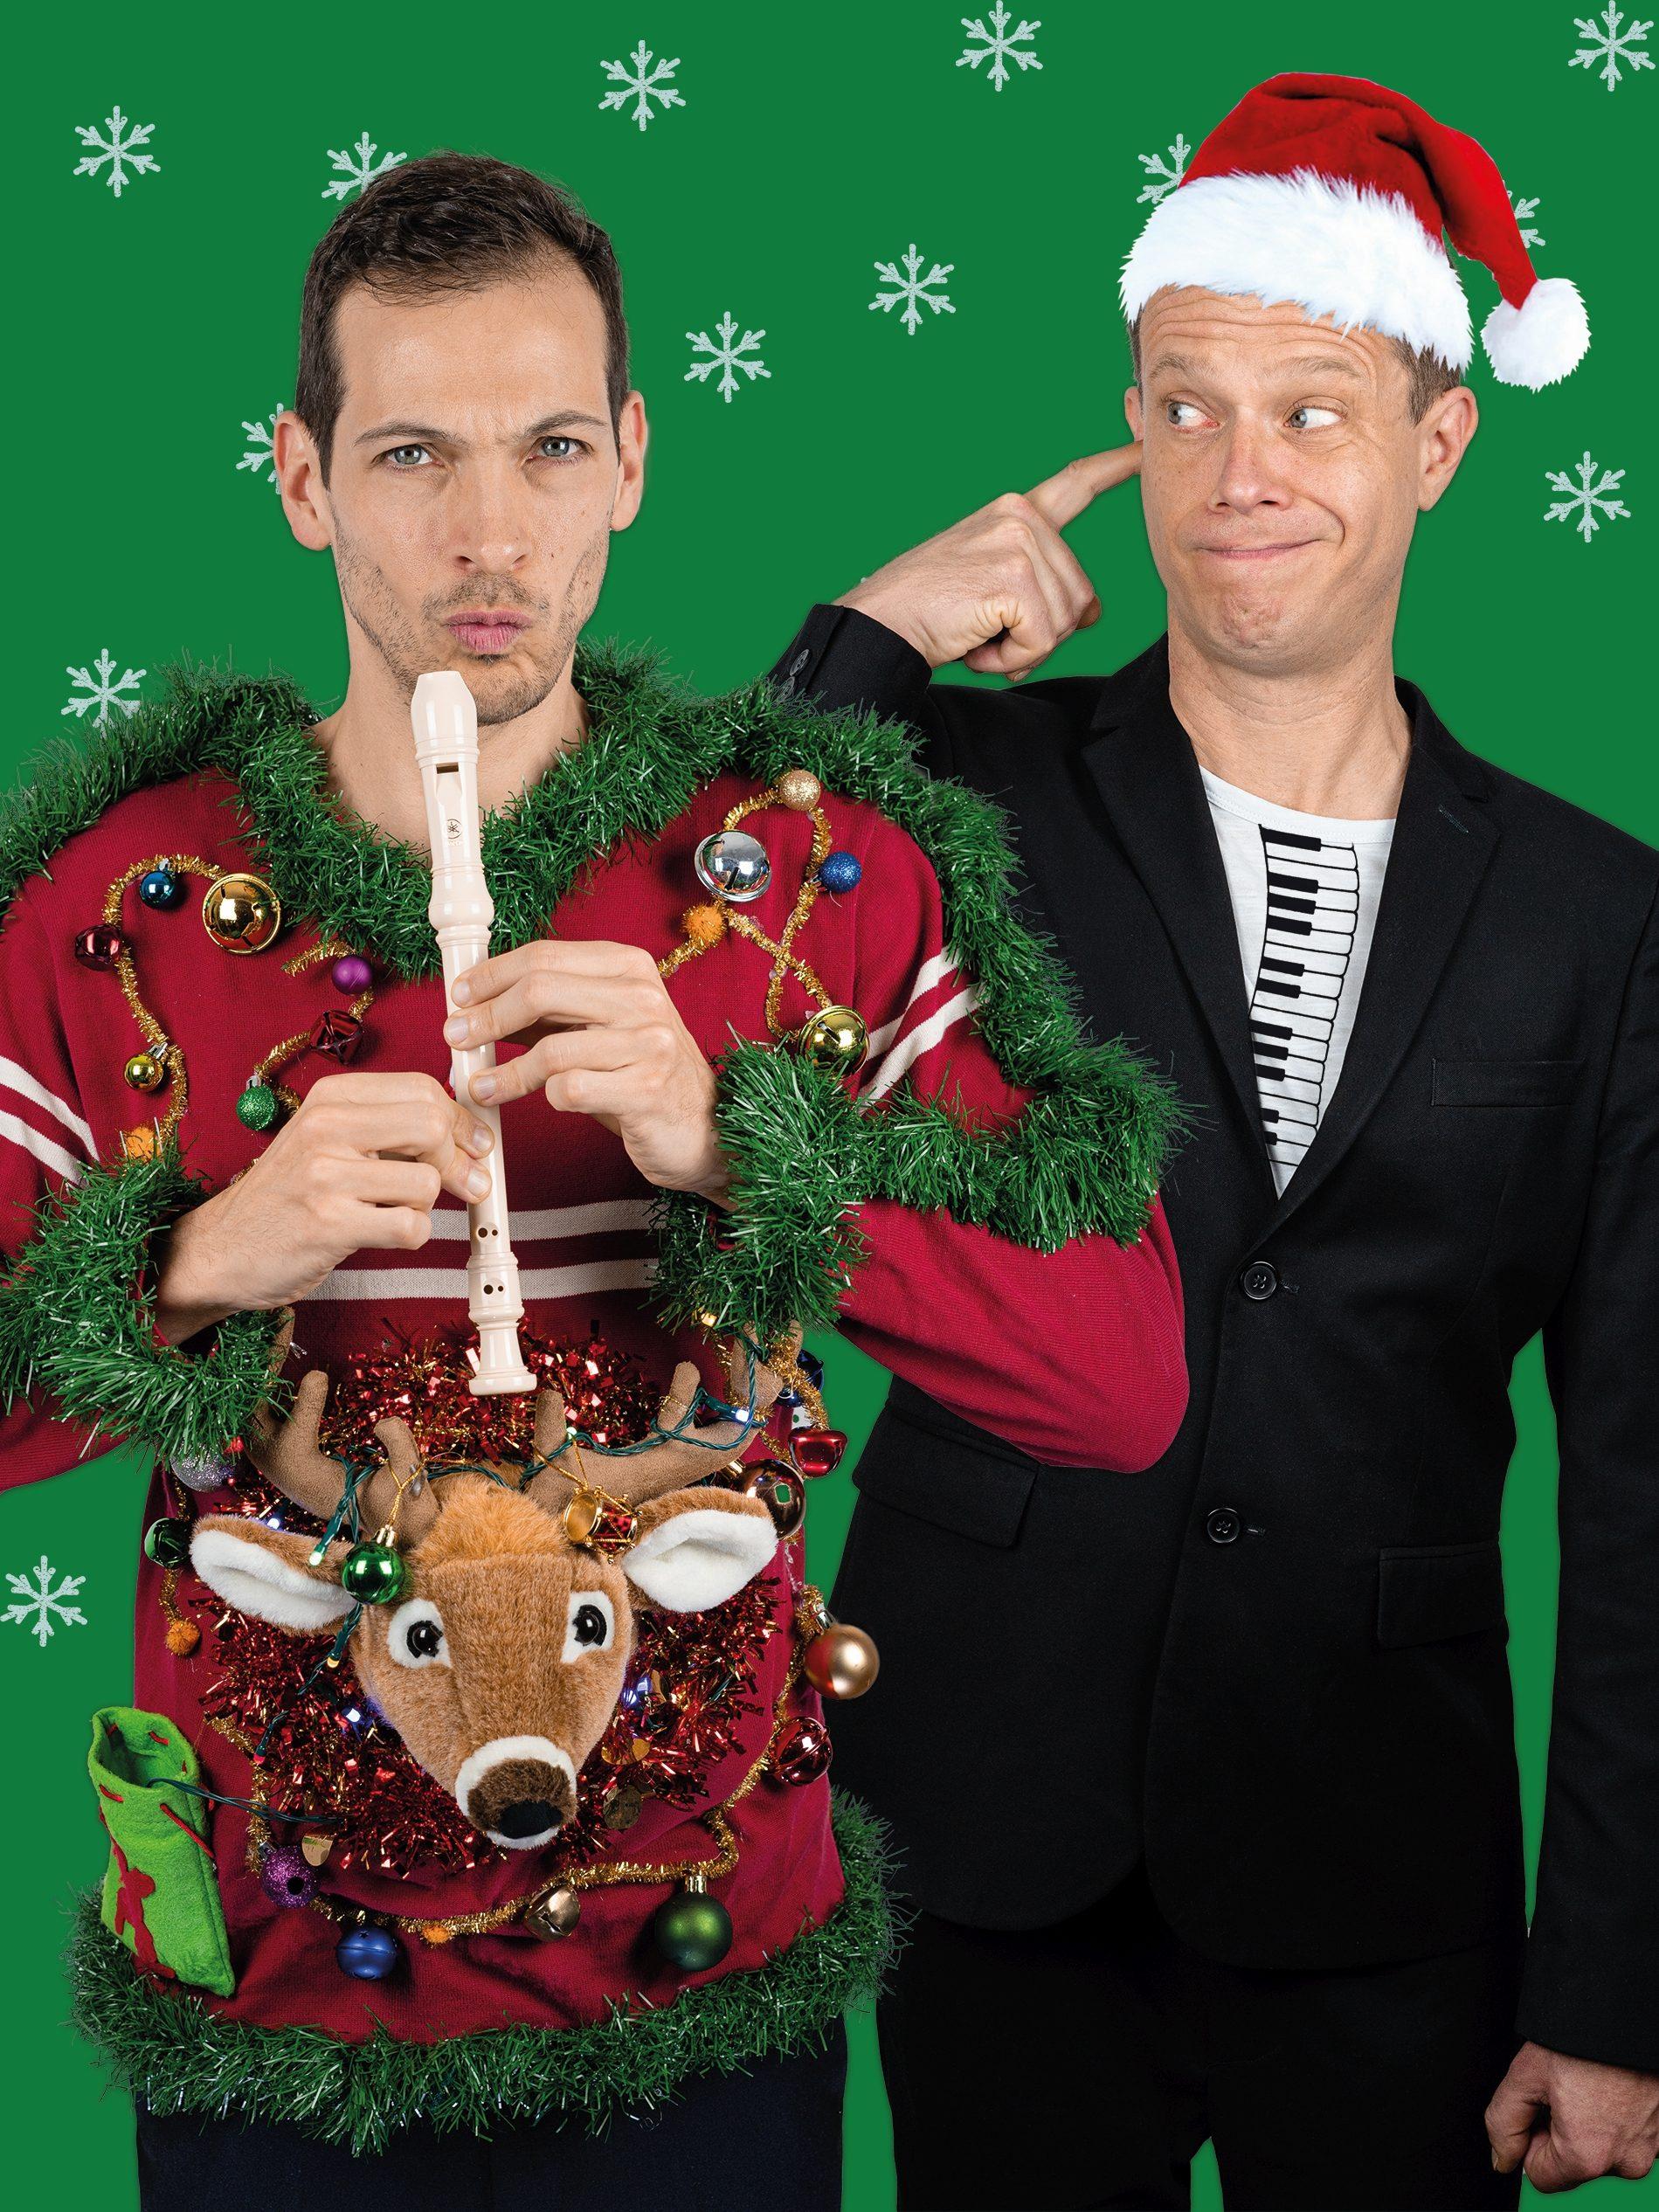 Korff Ludewig Weihnachten (Hochformat) - Foto Markus Hodapp (honorarfrei)